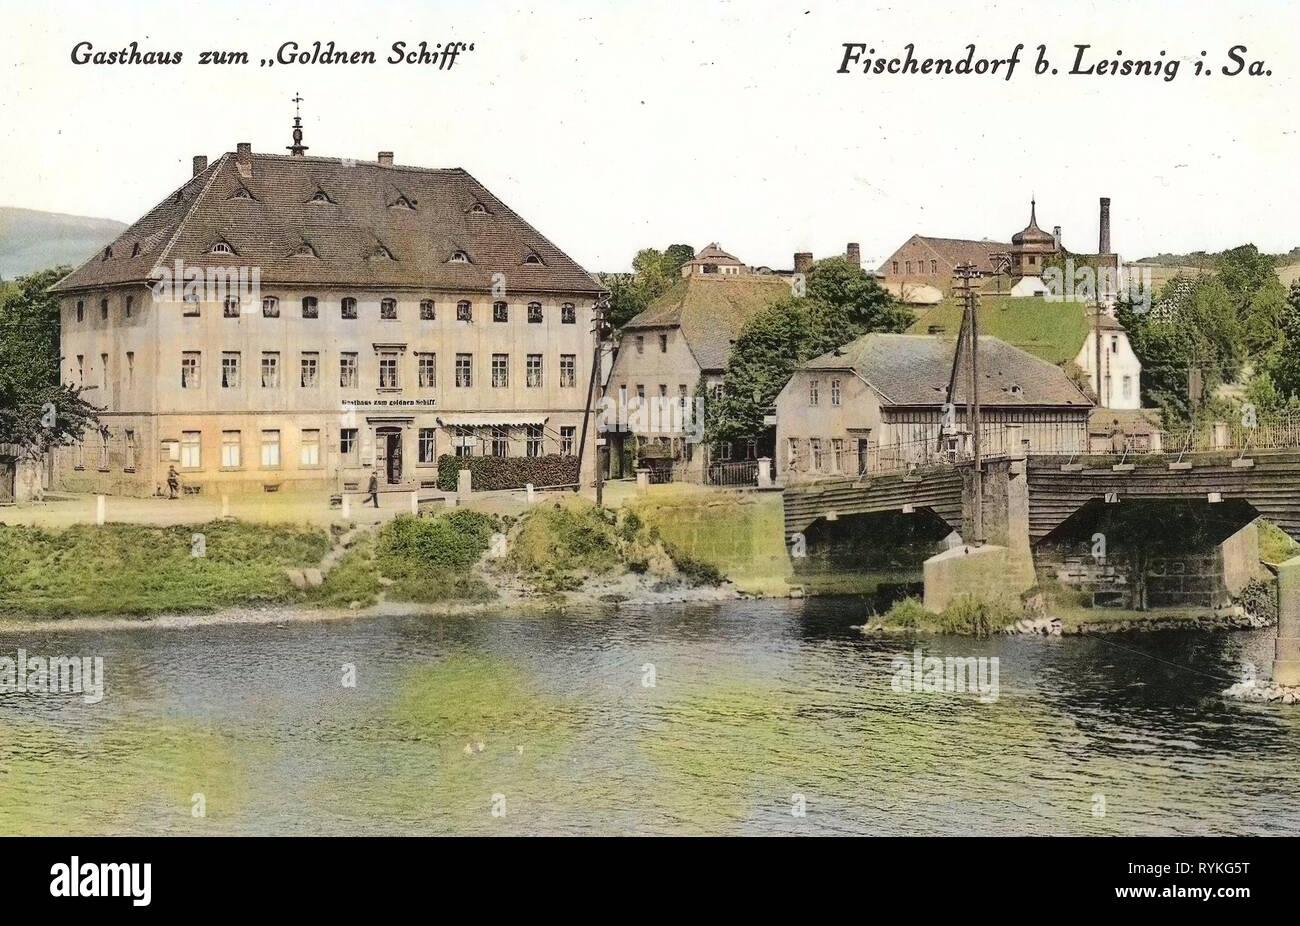 Inns in Landkreis Mittelsachsen, Fischendorf (Leisnig), 1915, Landkreis Mittelsachsen, Fischendorf, Gasthaus zum goldnen Schiff, Germany - Stock Image